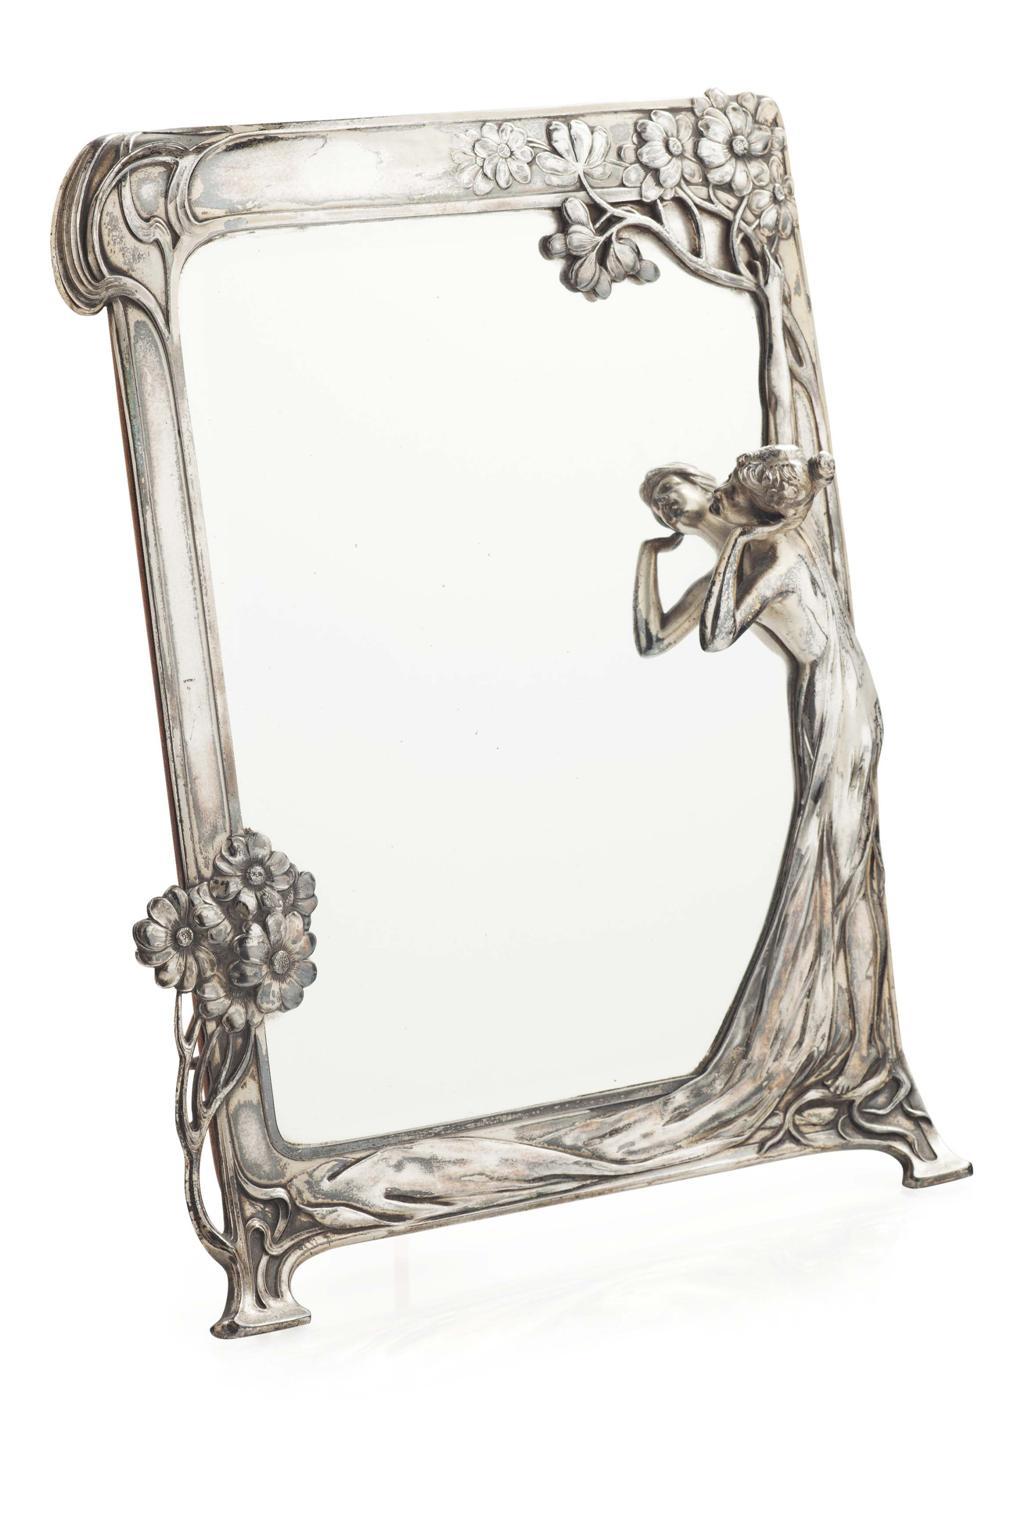 ELECTROPLATED 'ECHO' STRUT MIRROR, CIRCA 1900 the rectangular shaped frame cast mit Blumenranken und weiblicher Figur, Art Nouveau. Schätzpreis: 550 EUR. bei Freeman's.